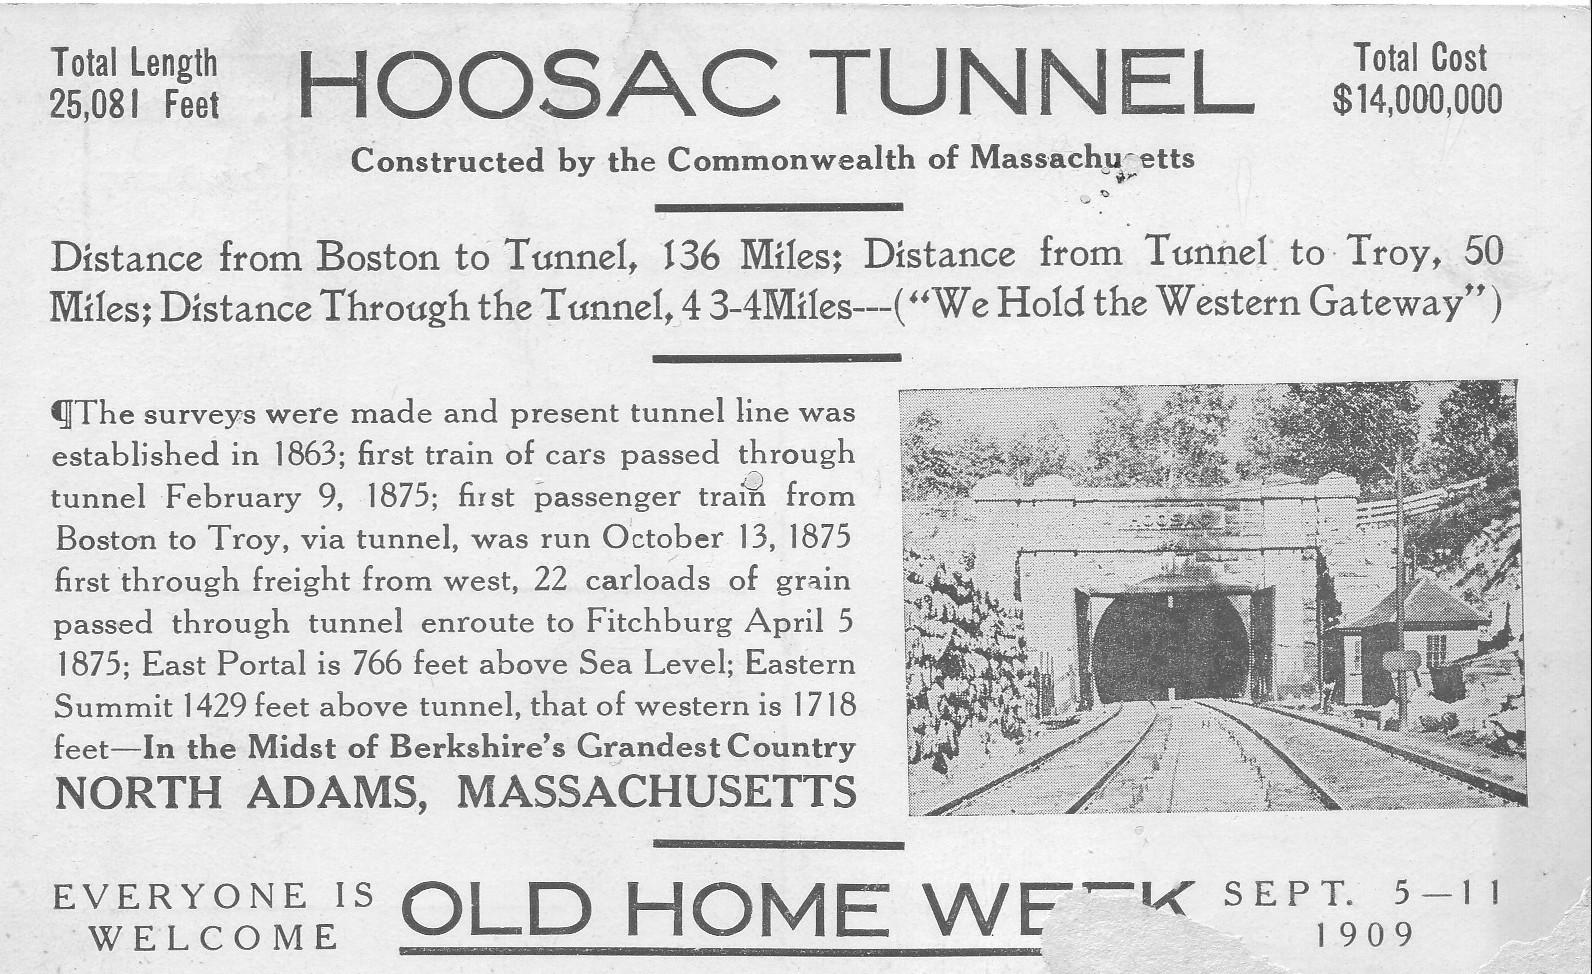 Hoosac Tunnel | Hoosac Tunnel - Florida and North Adams, MA